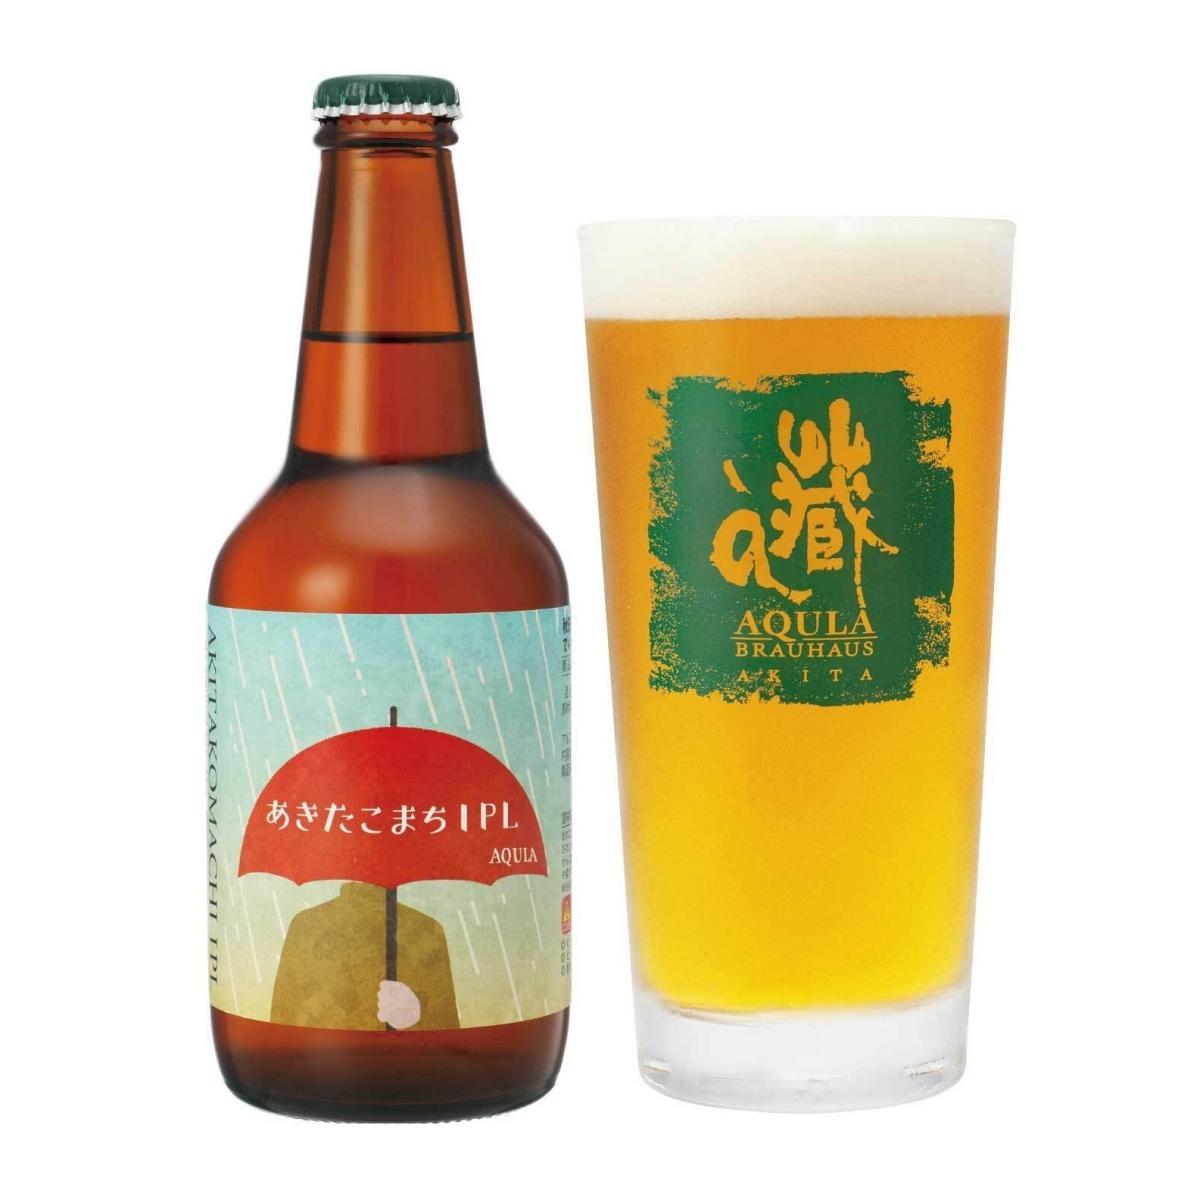 ビールの世界的審査会で最高賞を受賞した秋田のクラフトビール「あきたこまちIPL」。ボトルのラベルデザインは、秋田公立美術大学(秋田市)と共同で制作